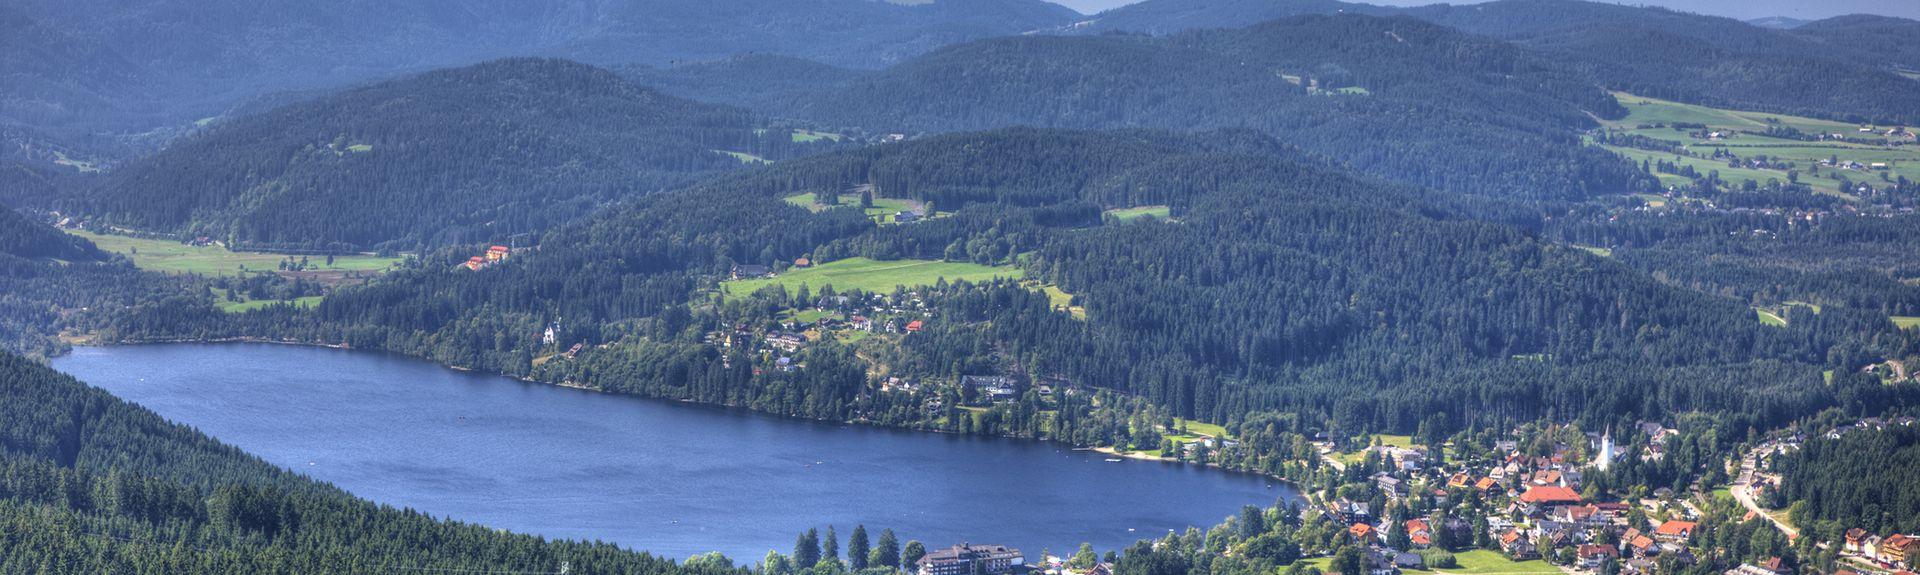 Schwarzwald, Baden-Württemberg, Deutschland